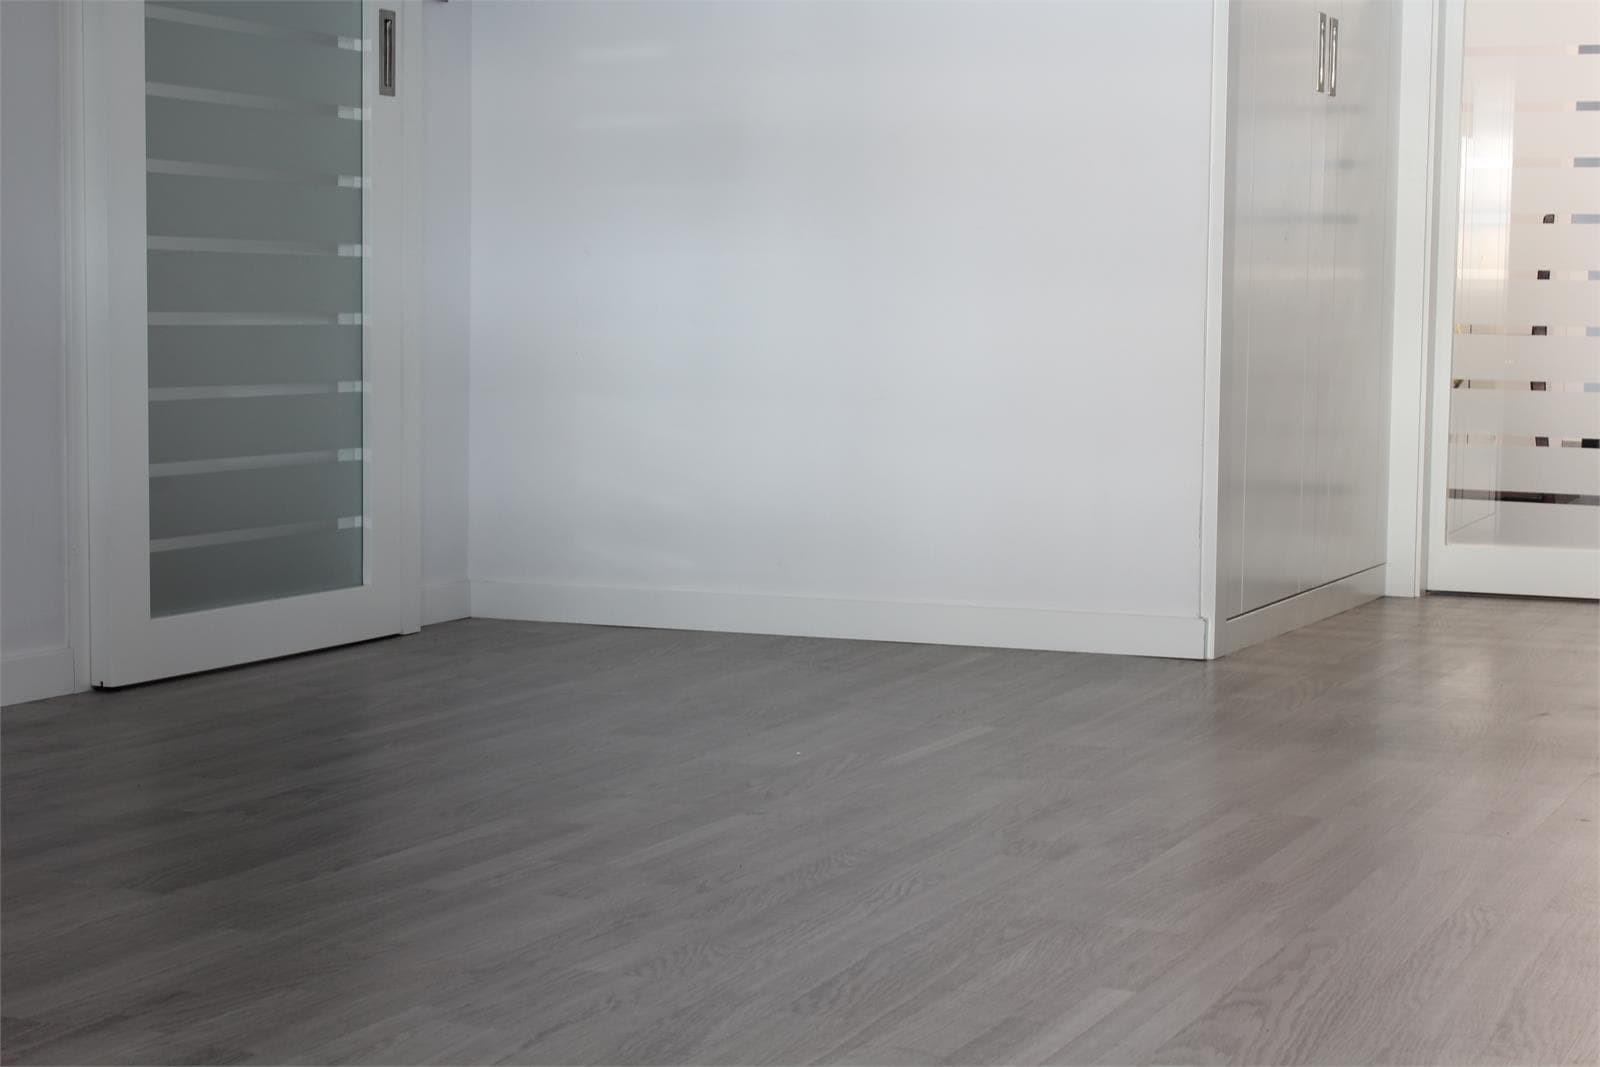 1 suelos - Suelo parquet blanco ...